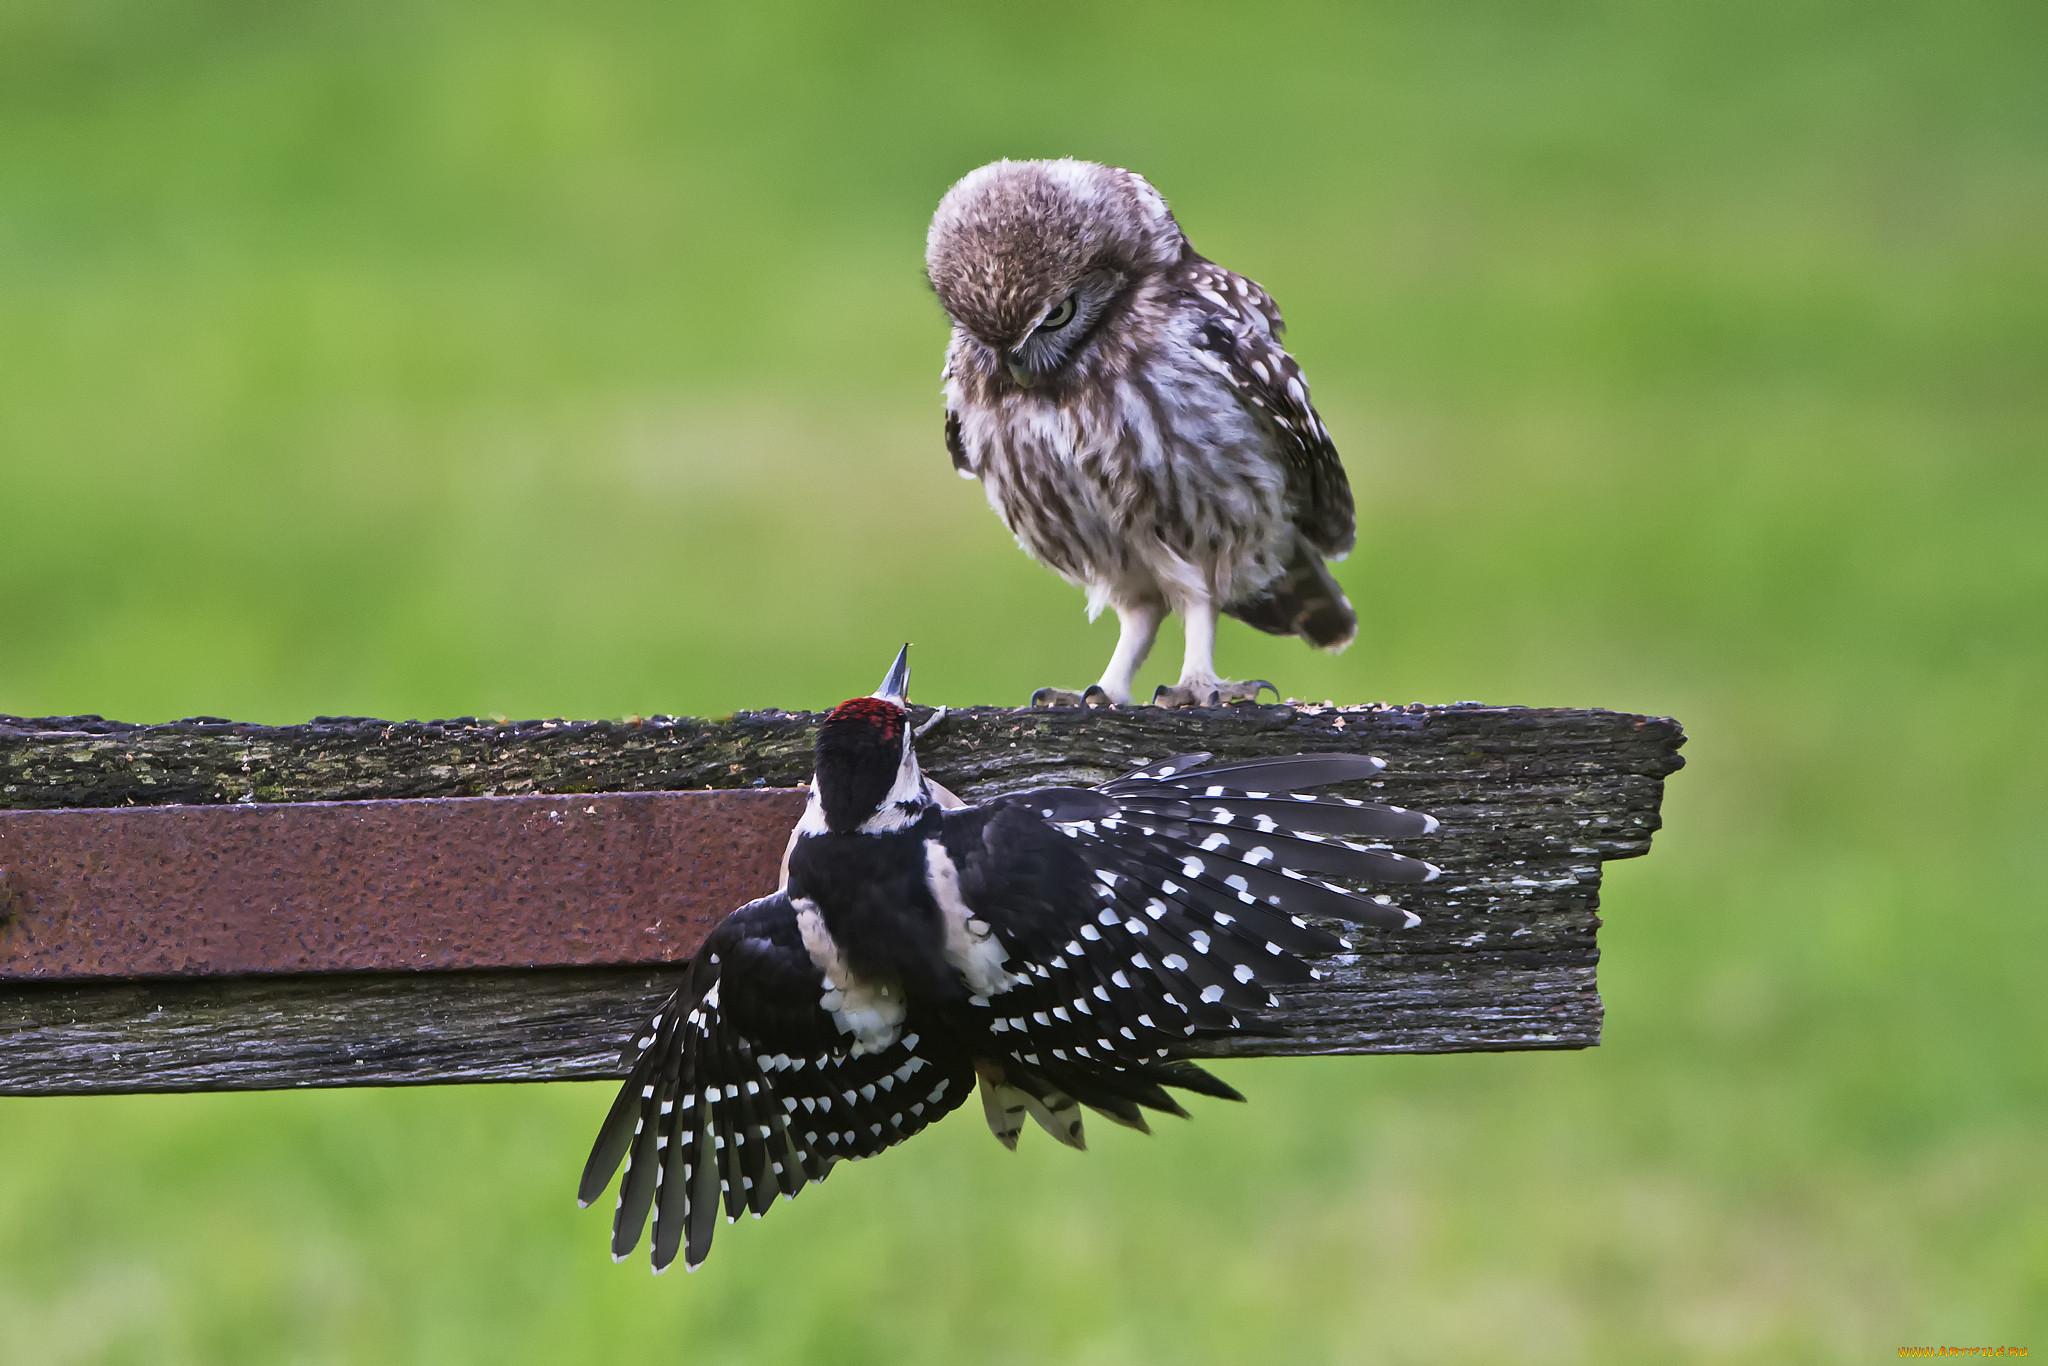 птицелов животное фото глину человек